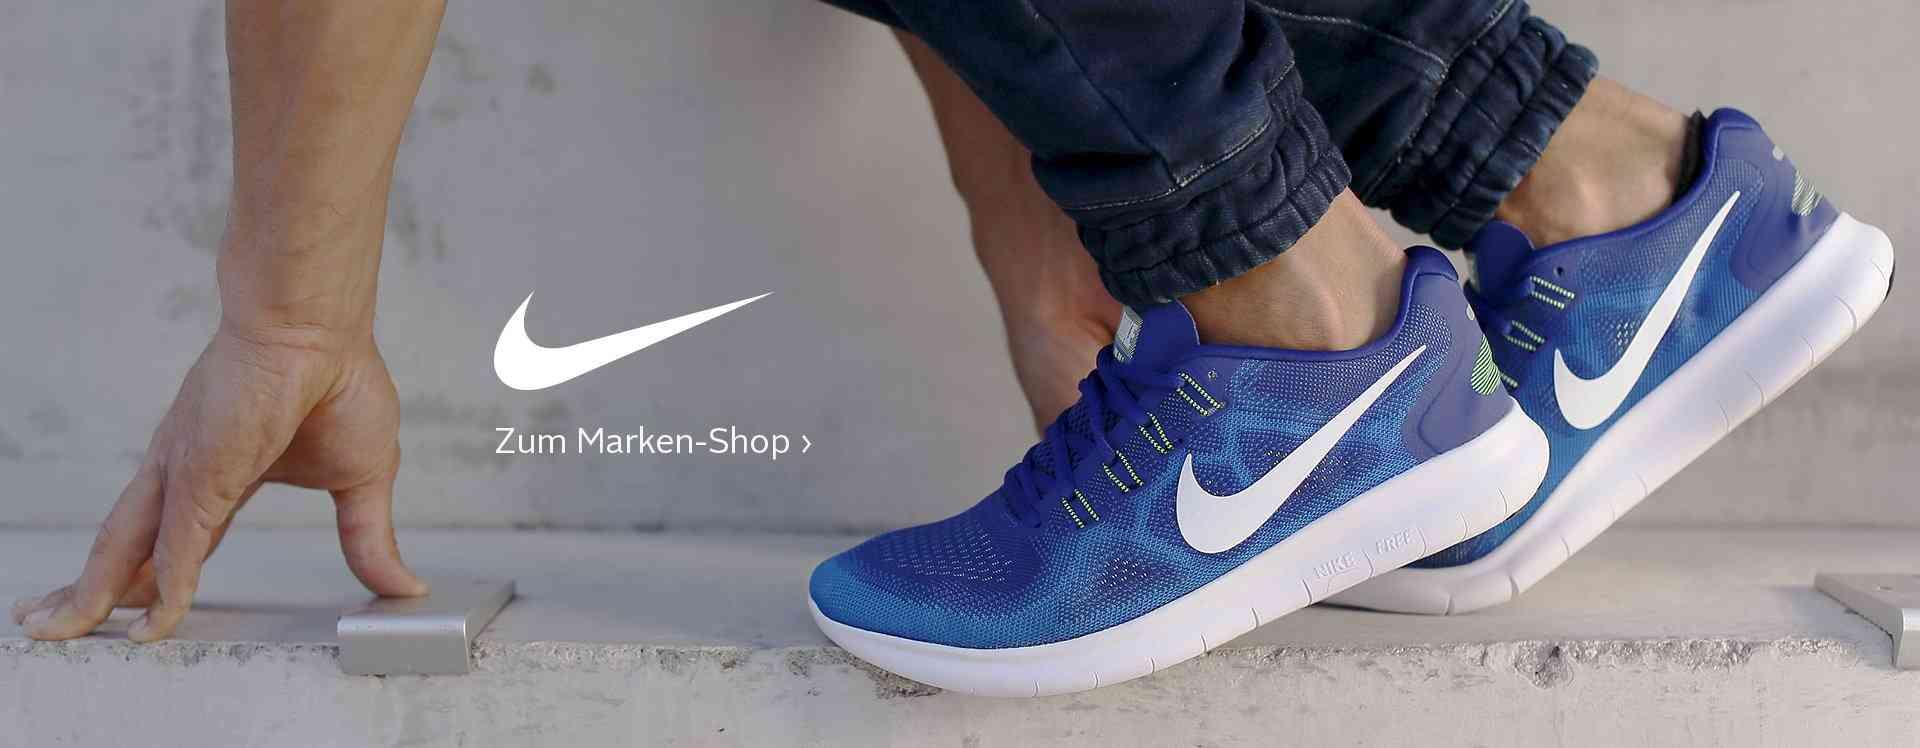 Sportmode von Nike - für jede Sportart das passende Outfit und Nike-Sportschuhe gibt's in unserem Nike-Shop - jetzt entdecken!